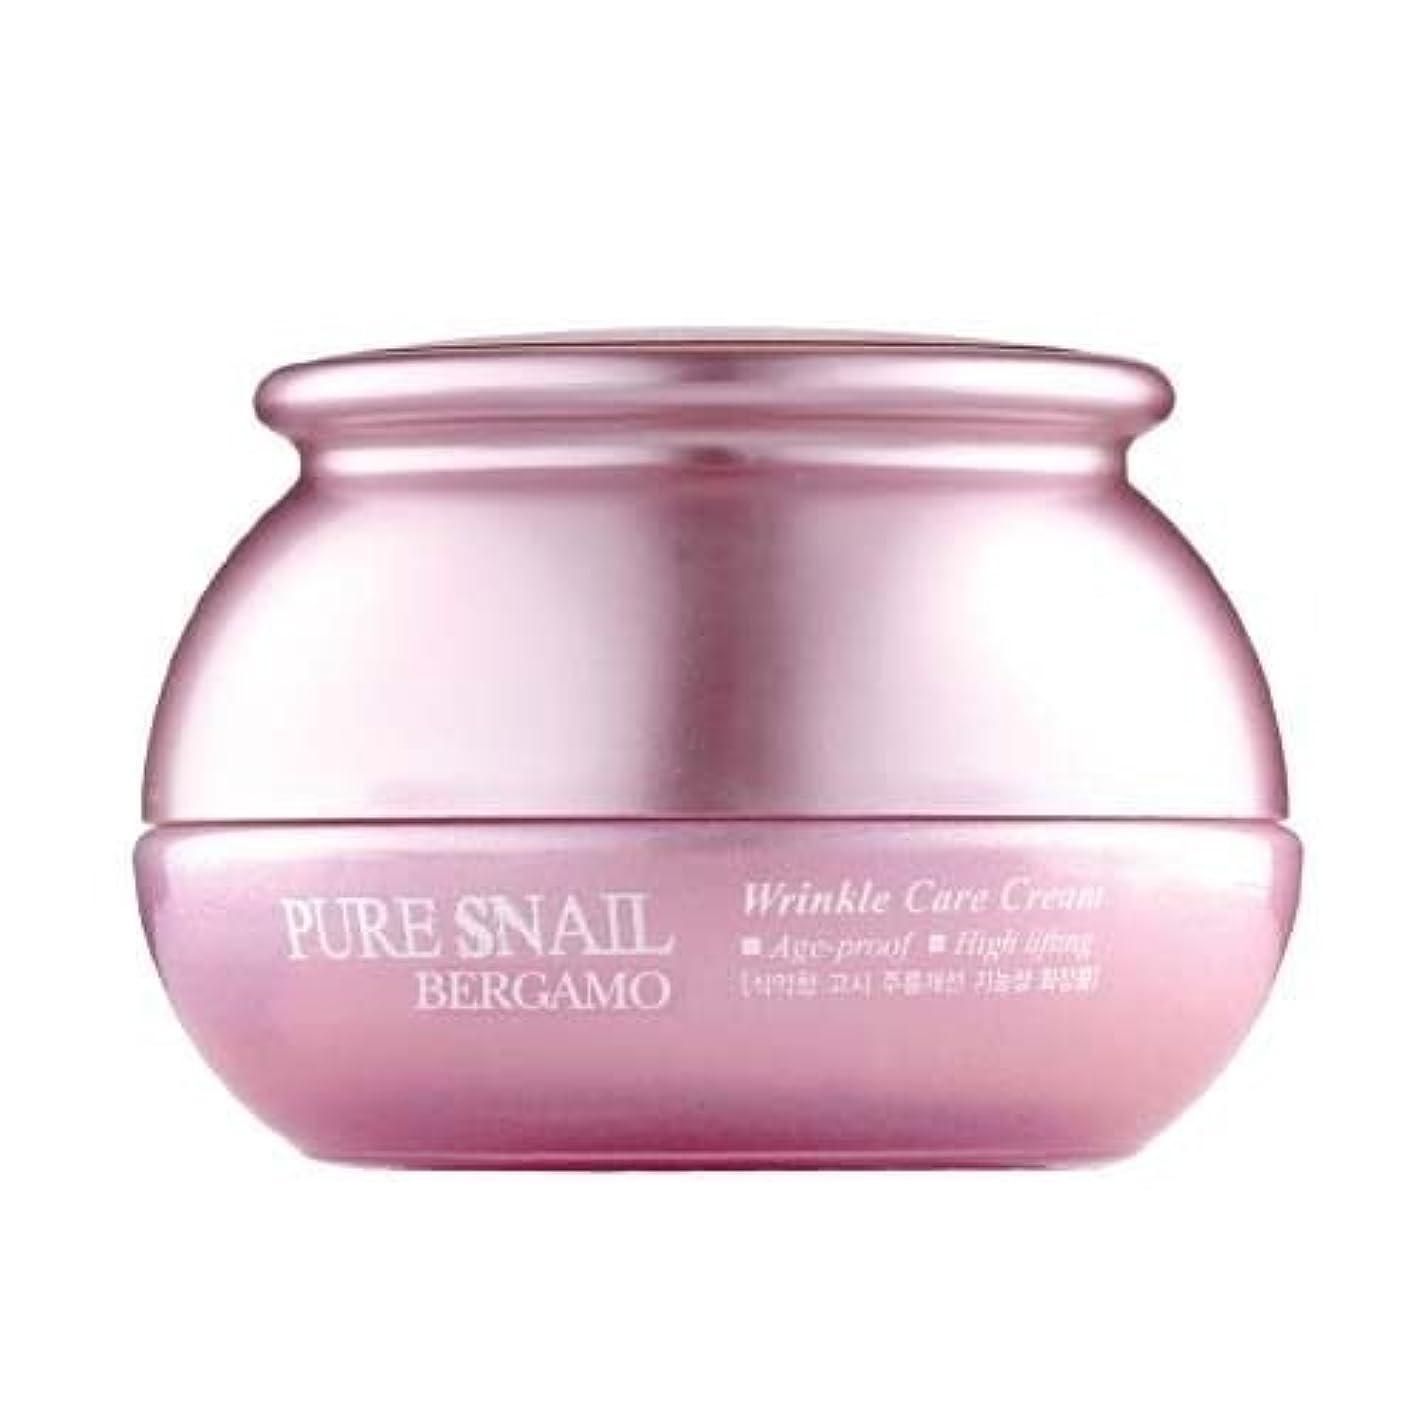 渇き作家適度にベルガモ[韓国コスメBergamo]Pure Snail Wrinkle Care Cream カタツムリリンクルケアクリーム50ml しわ管理 [並行輸入品]